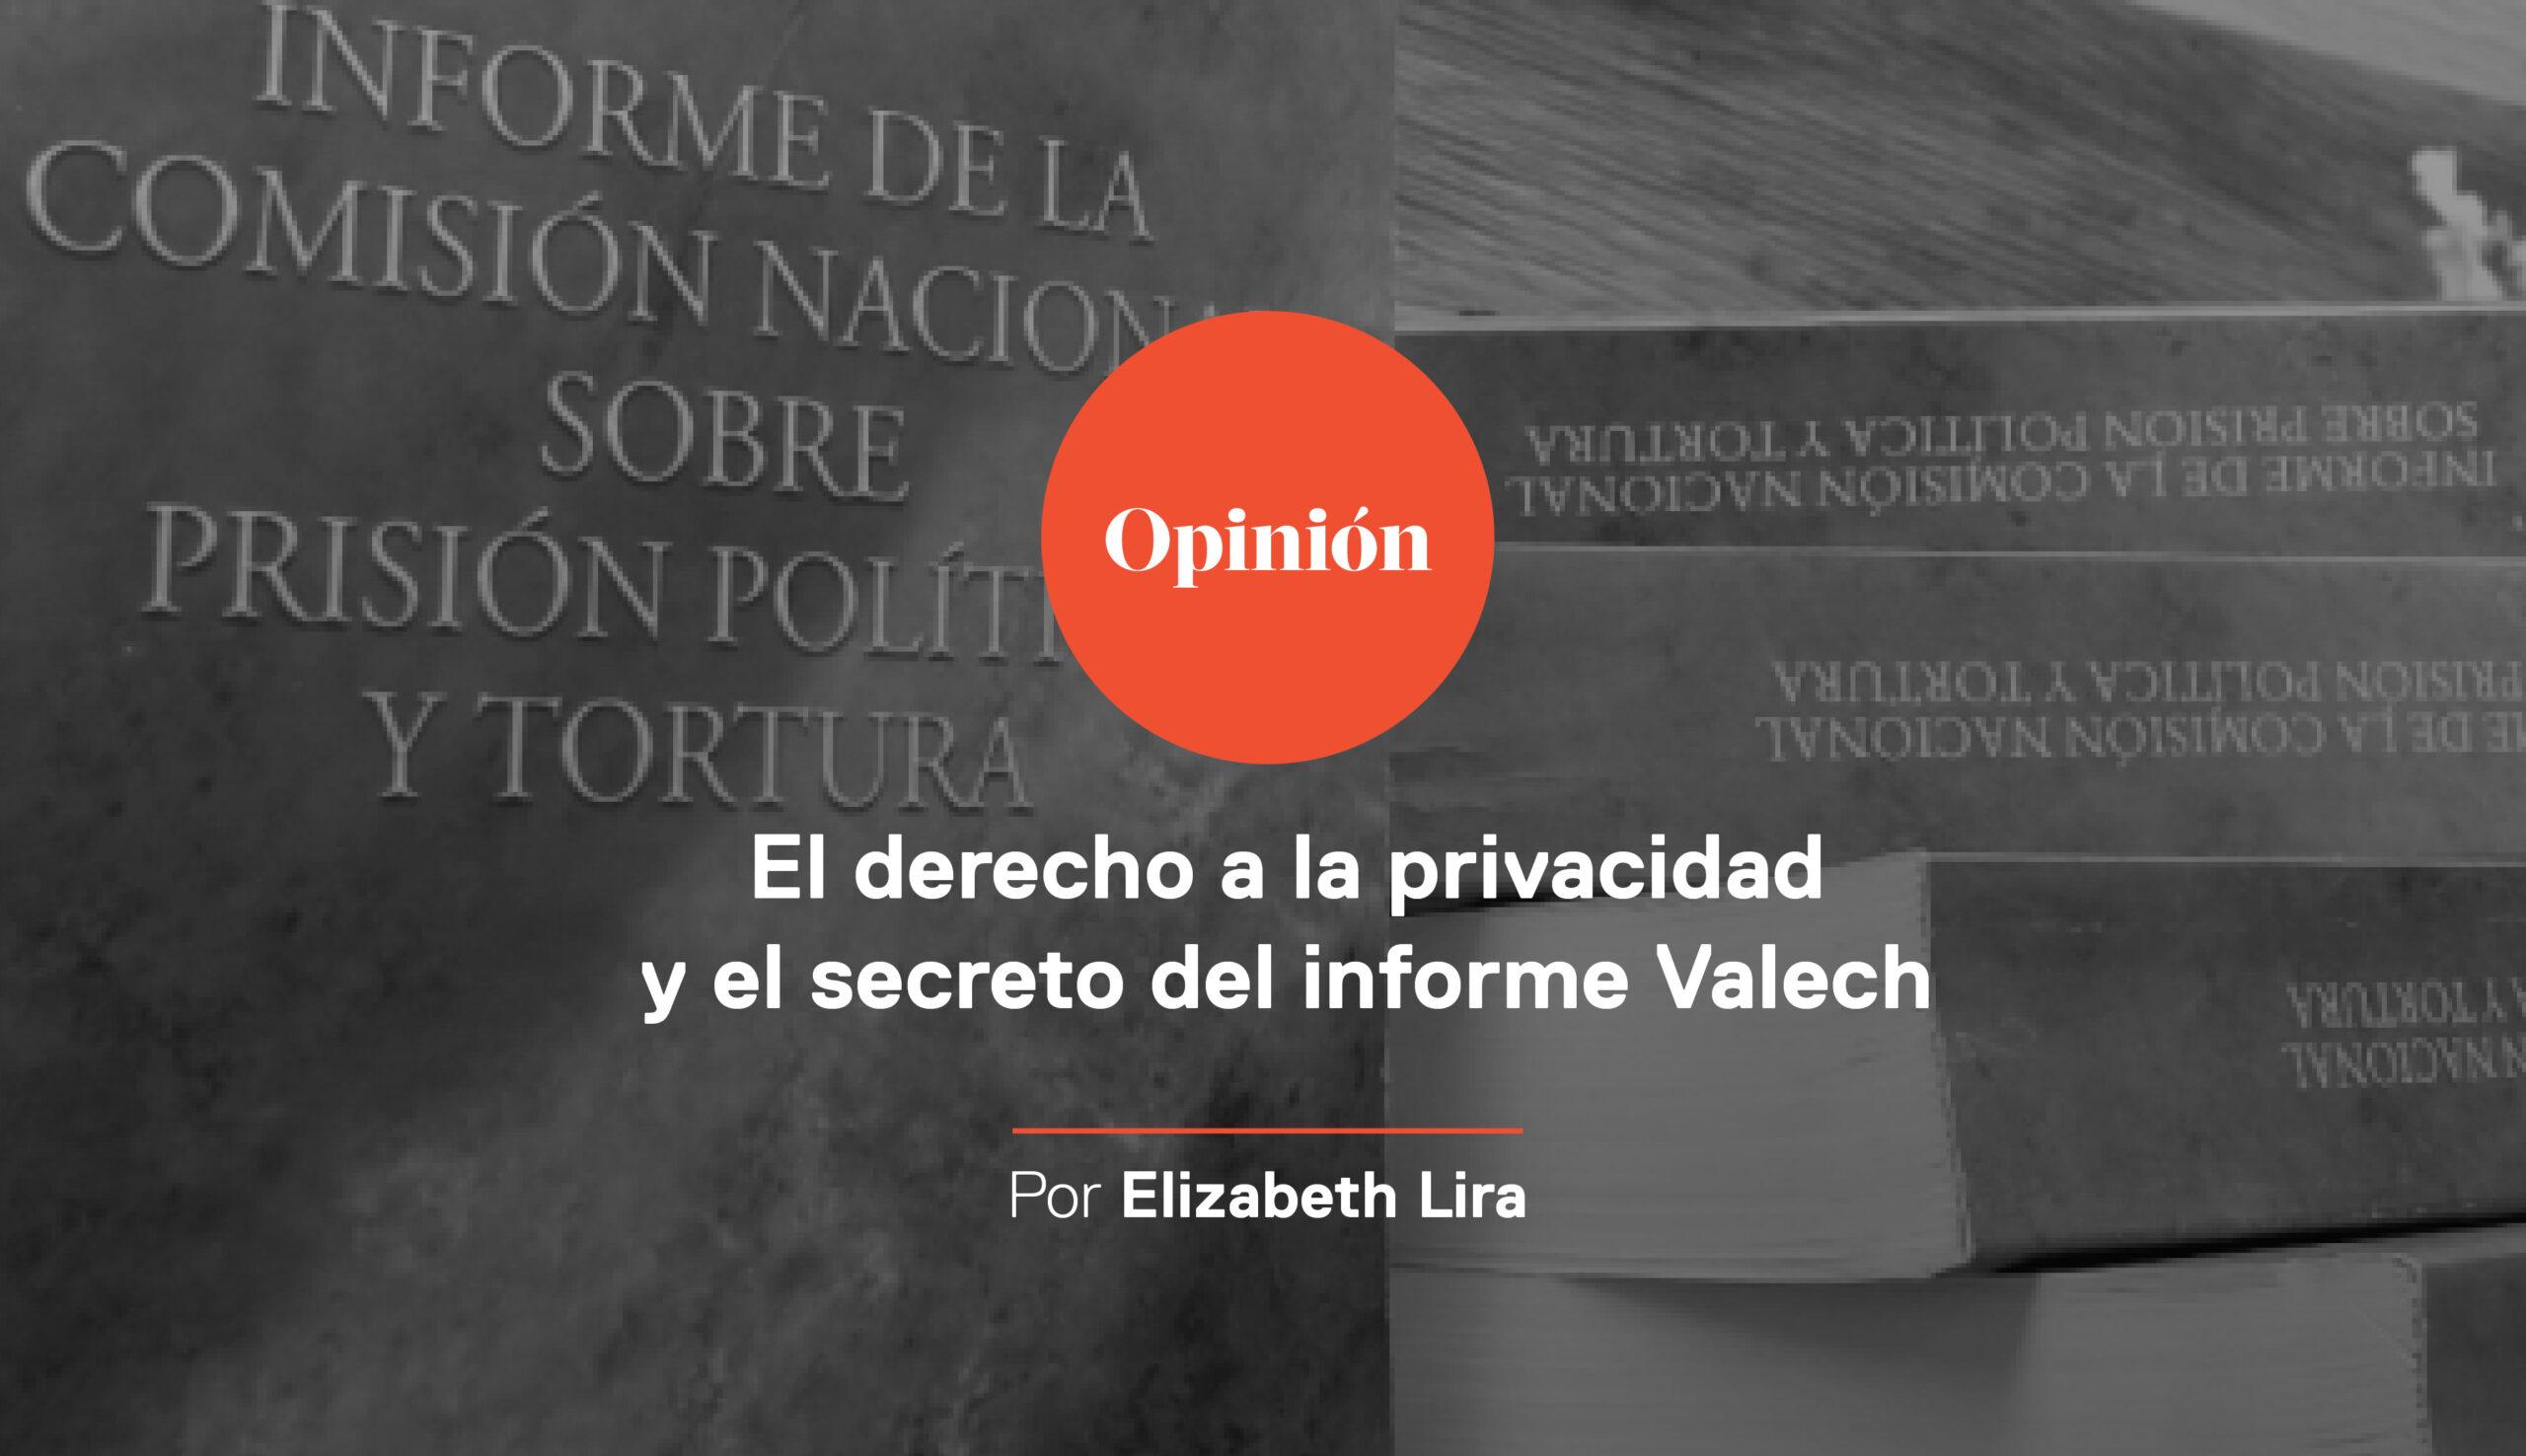 El derecho a la privacidad y el secreto del informe Valech